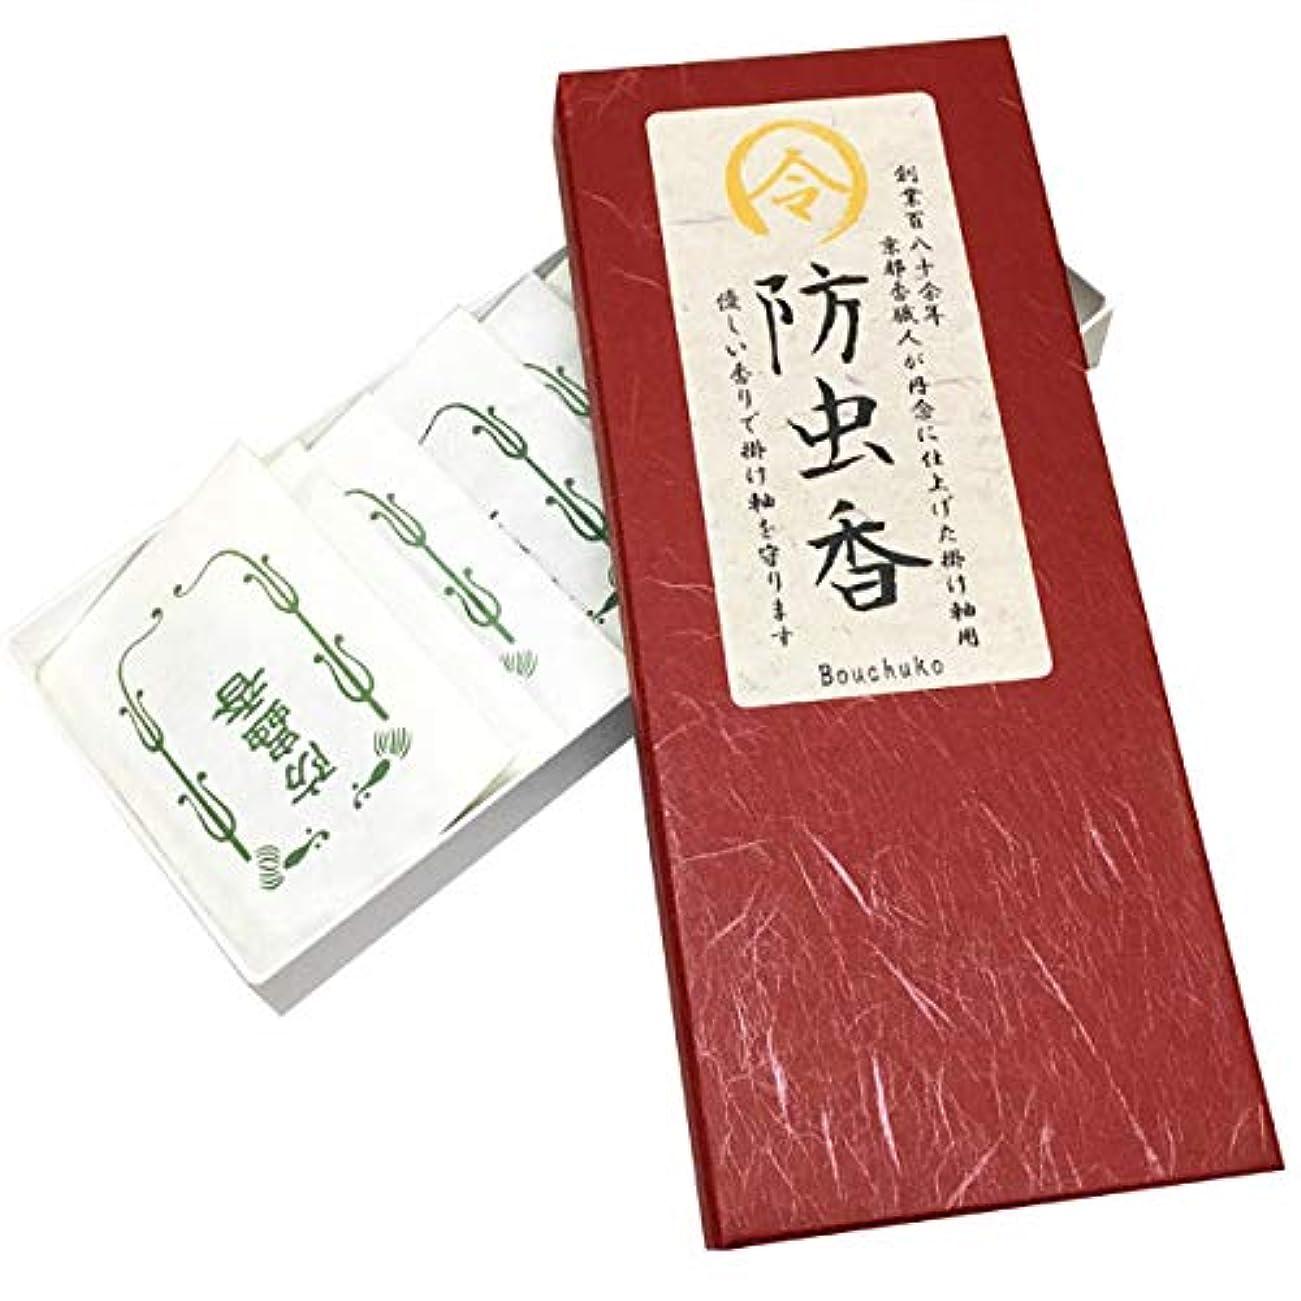 サルベージ分子噴出する掛け軸用 表具用 高級香 令和印の掛軸防虫香(白檀香) 1箱10袋入り